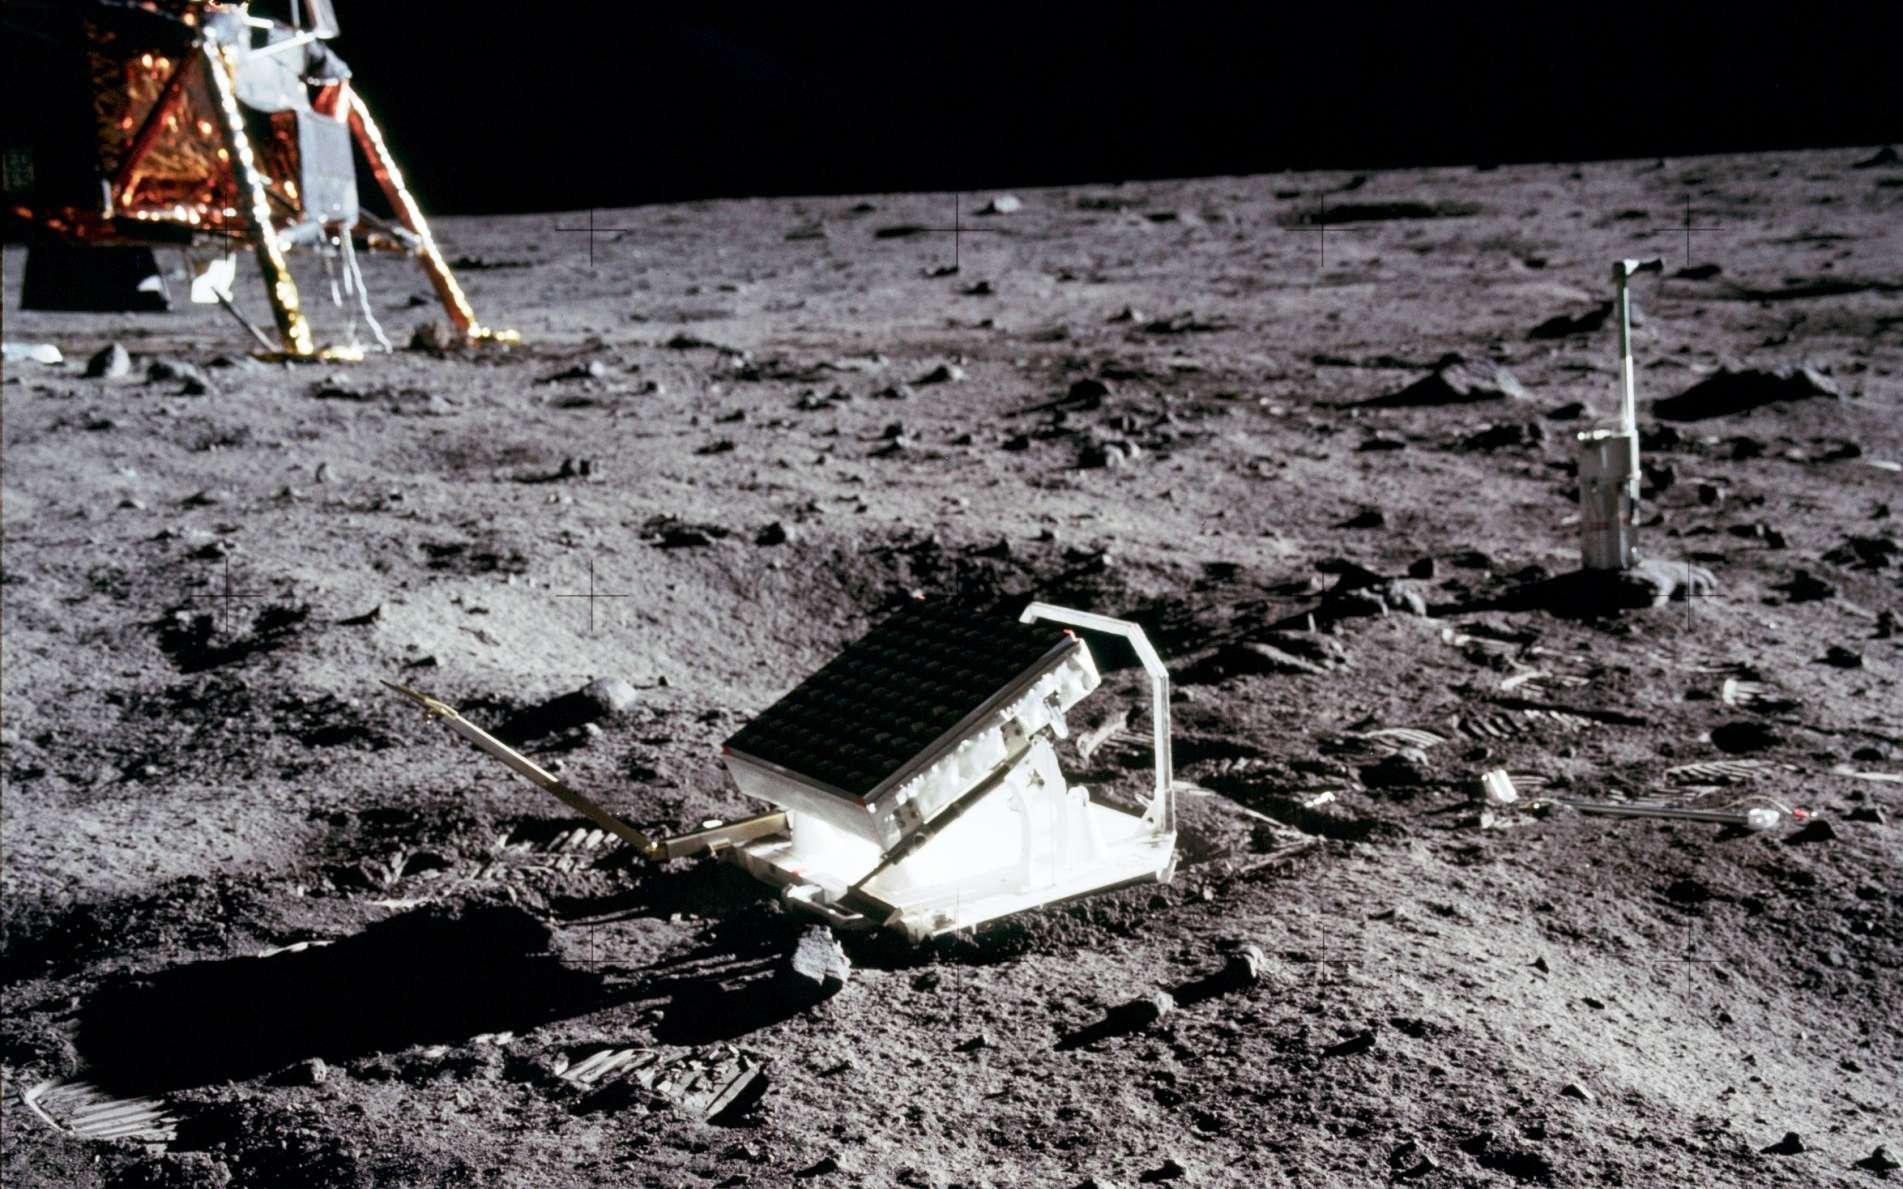 Le rétroréflecteur déposé par la mission Apollo 11 sur la Lune. © Nasa